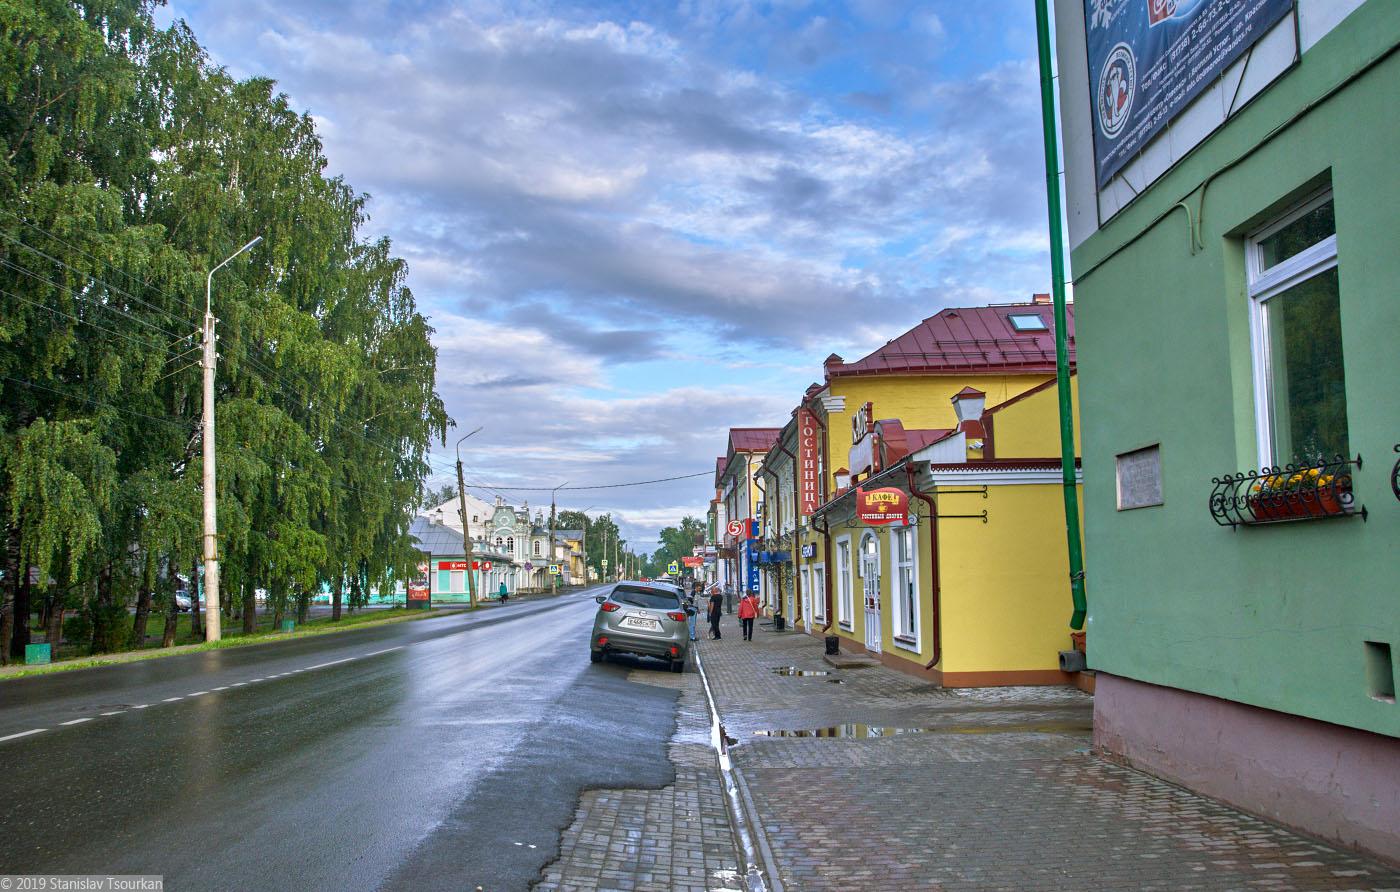 Вологодская область, Вологодчина, Великий Устюг, Русский север, Красная улица, Комсомольский сквер